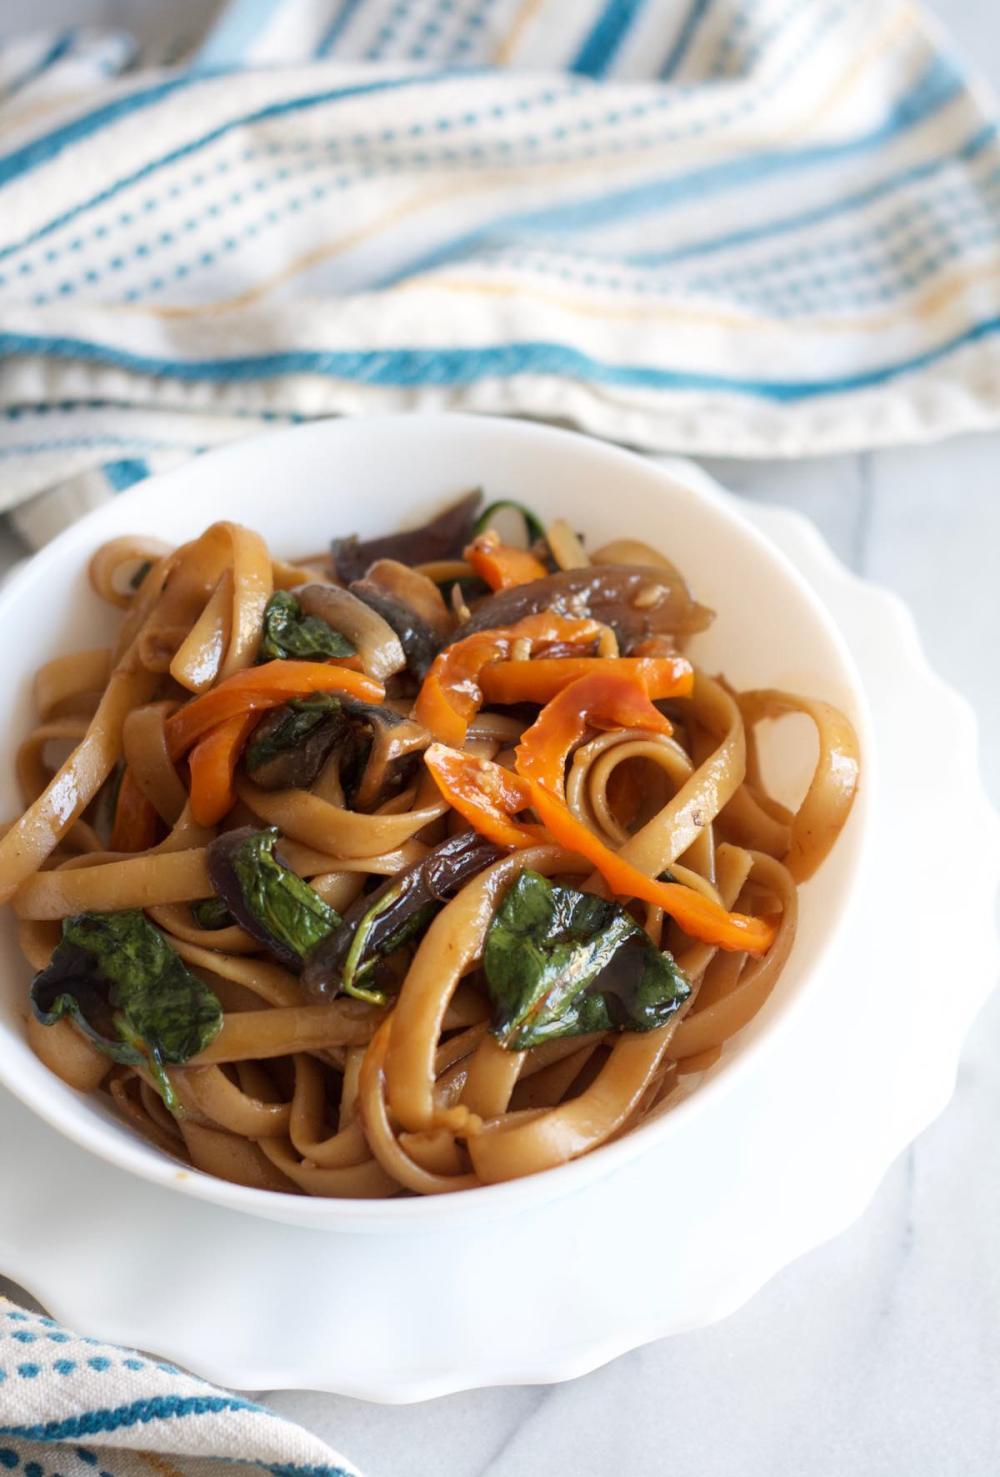 30-Minute Asian Noodles